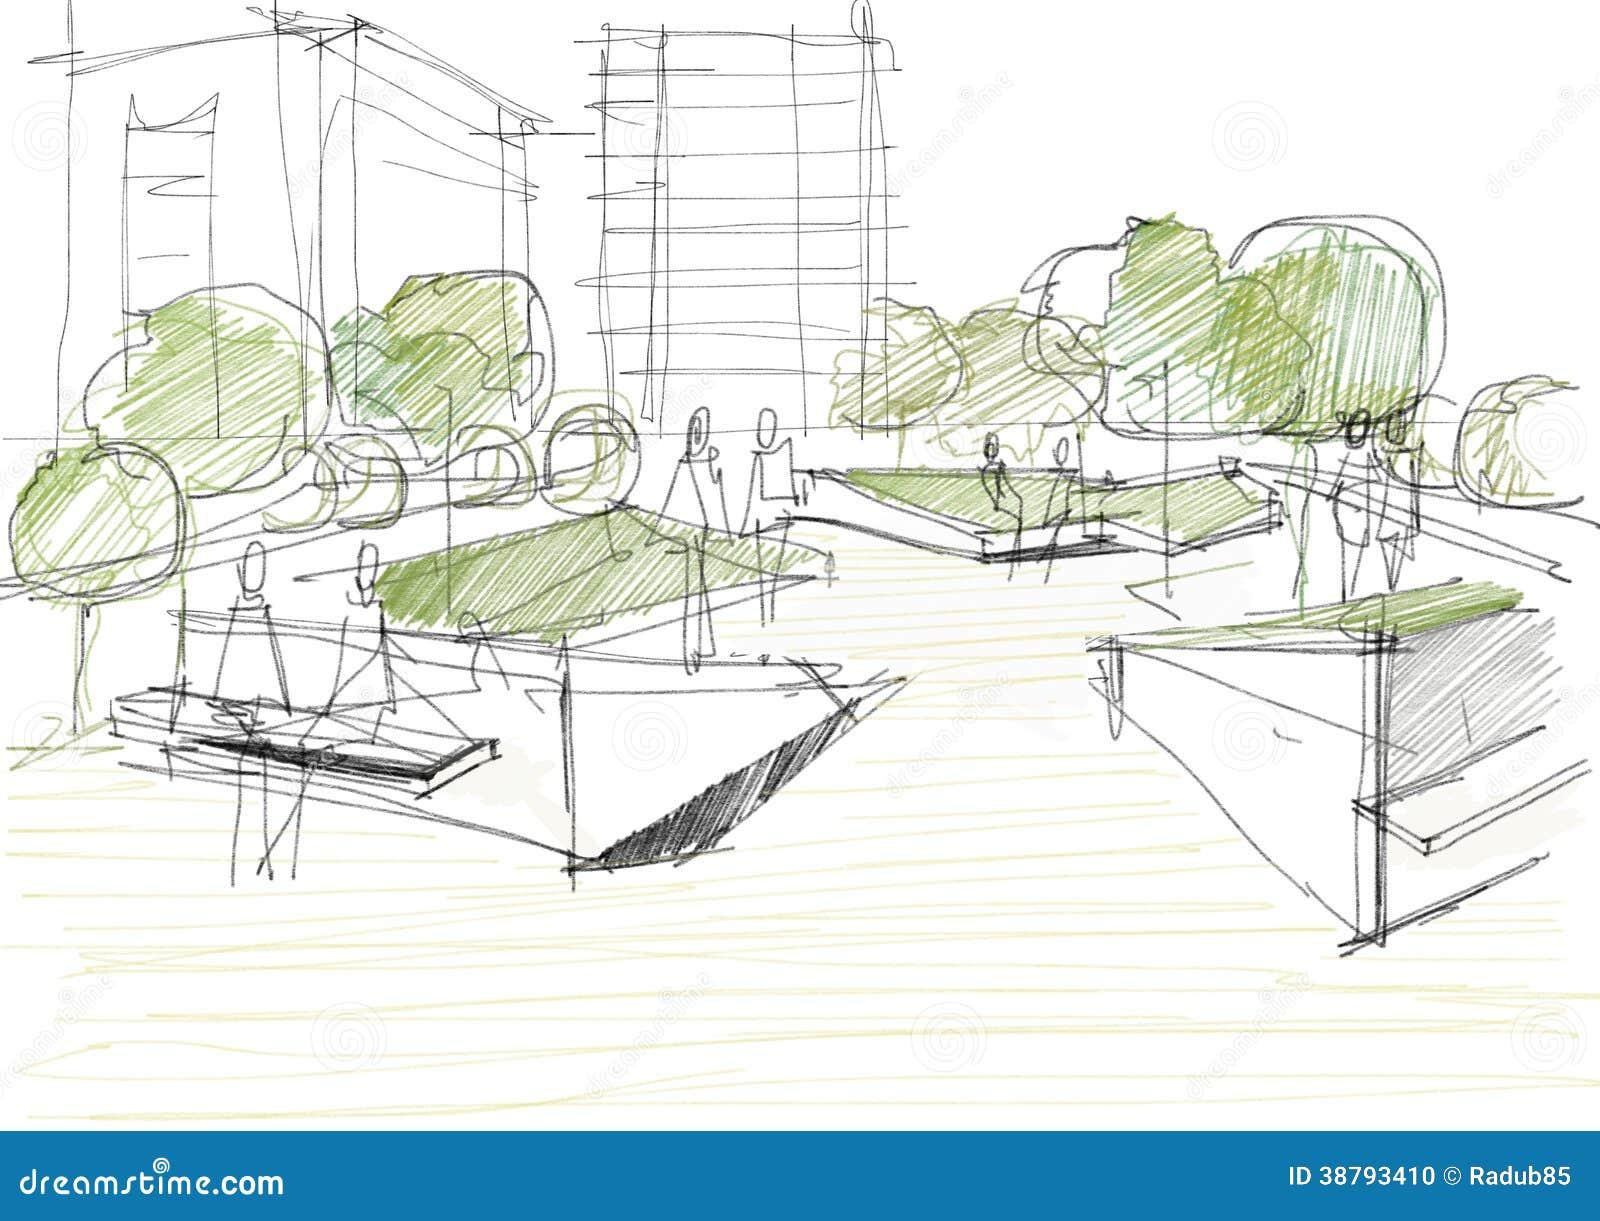 Croquis architectural de parc public